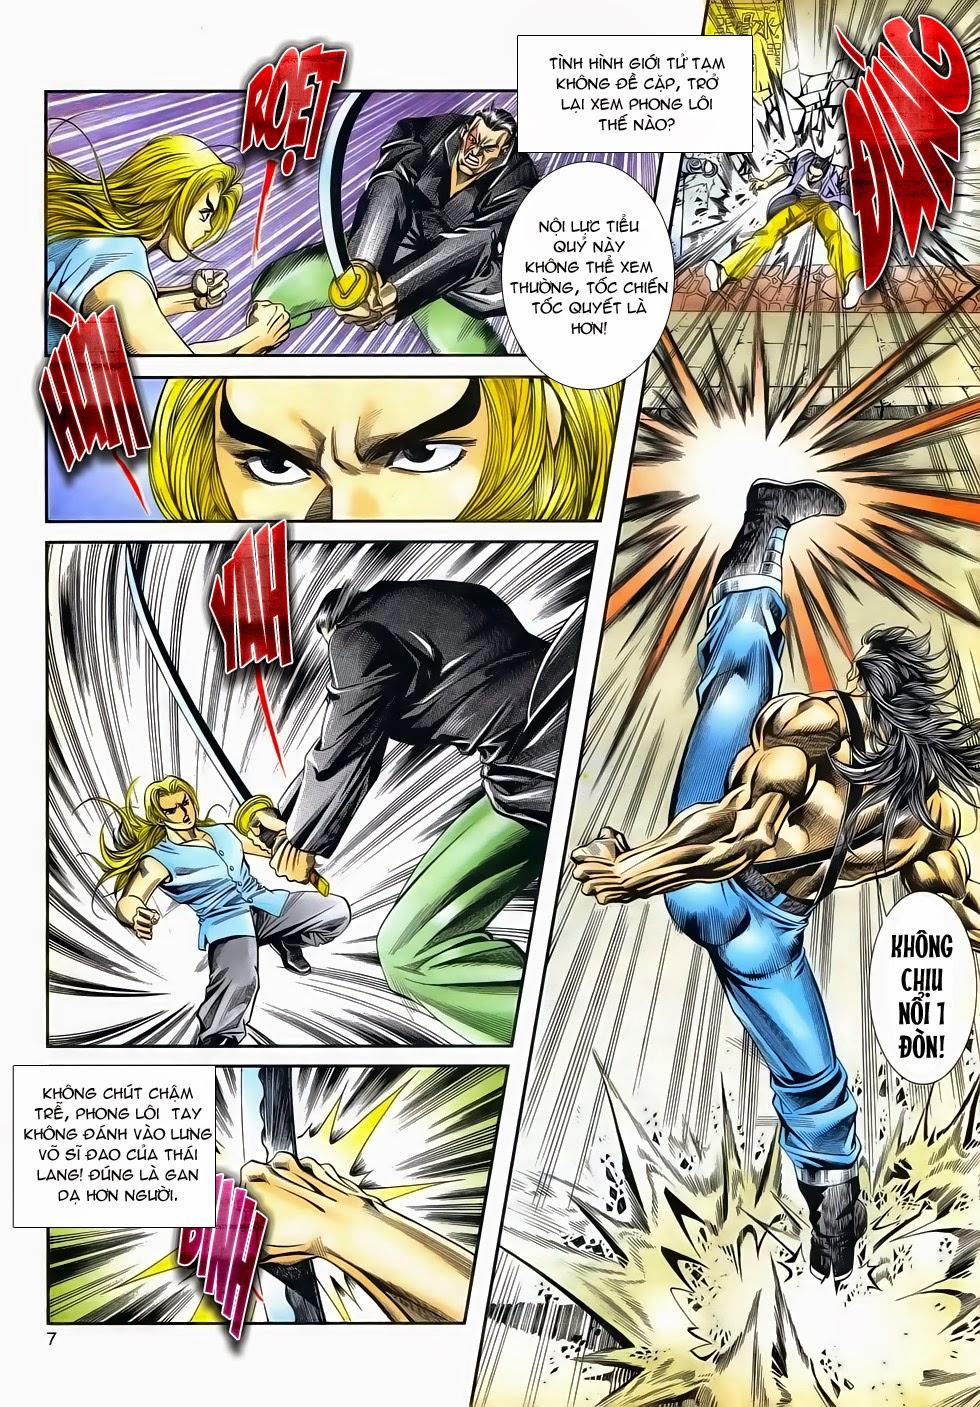 Long Hổ Phong Bạo chap 3 - Trang 7